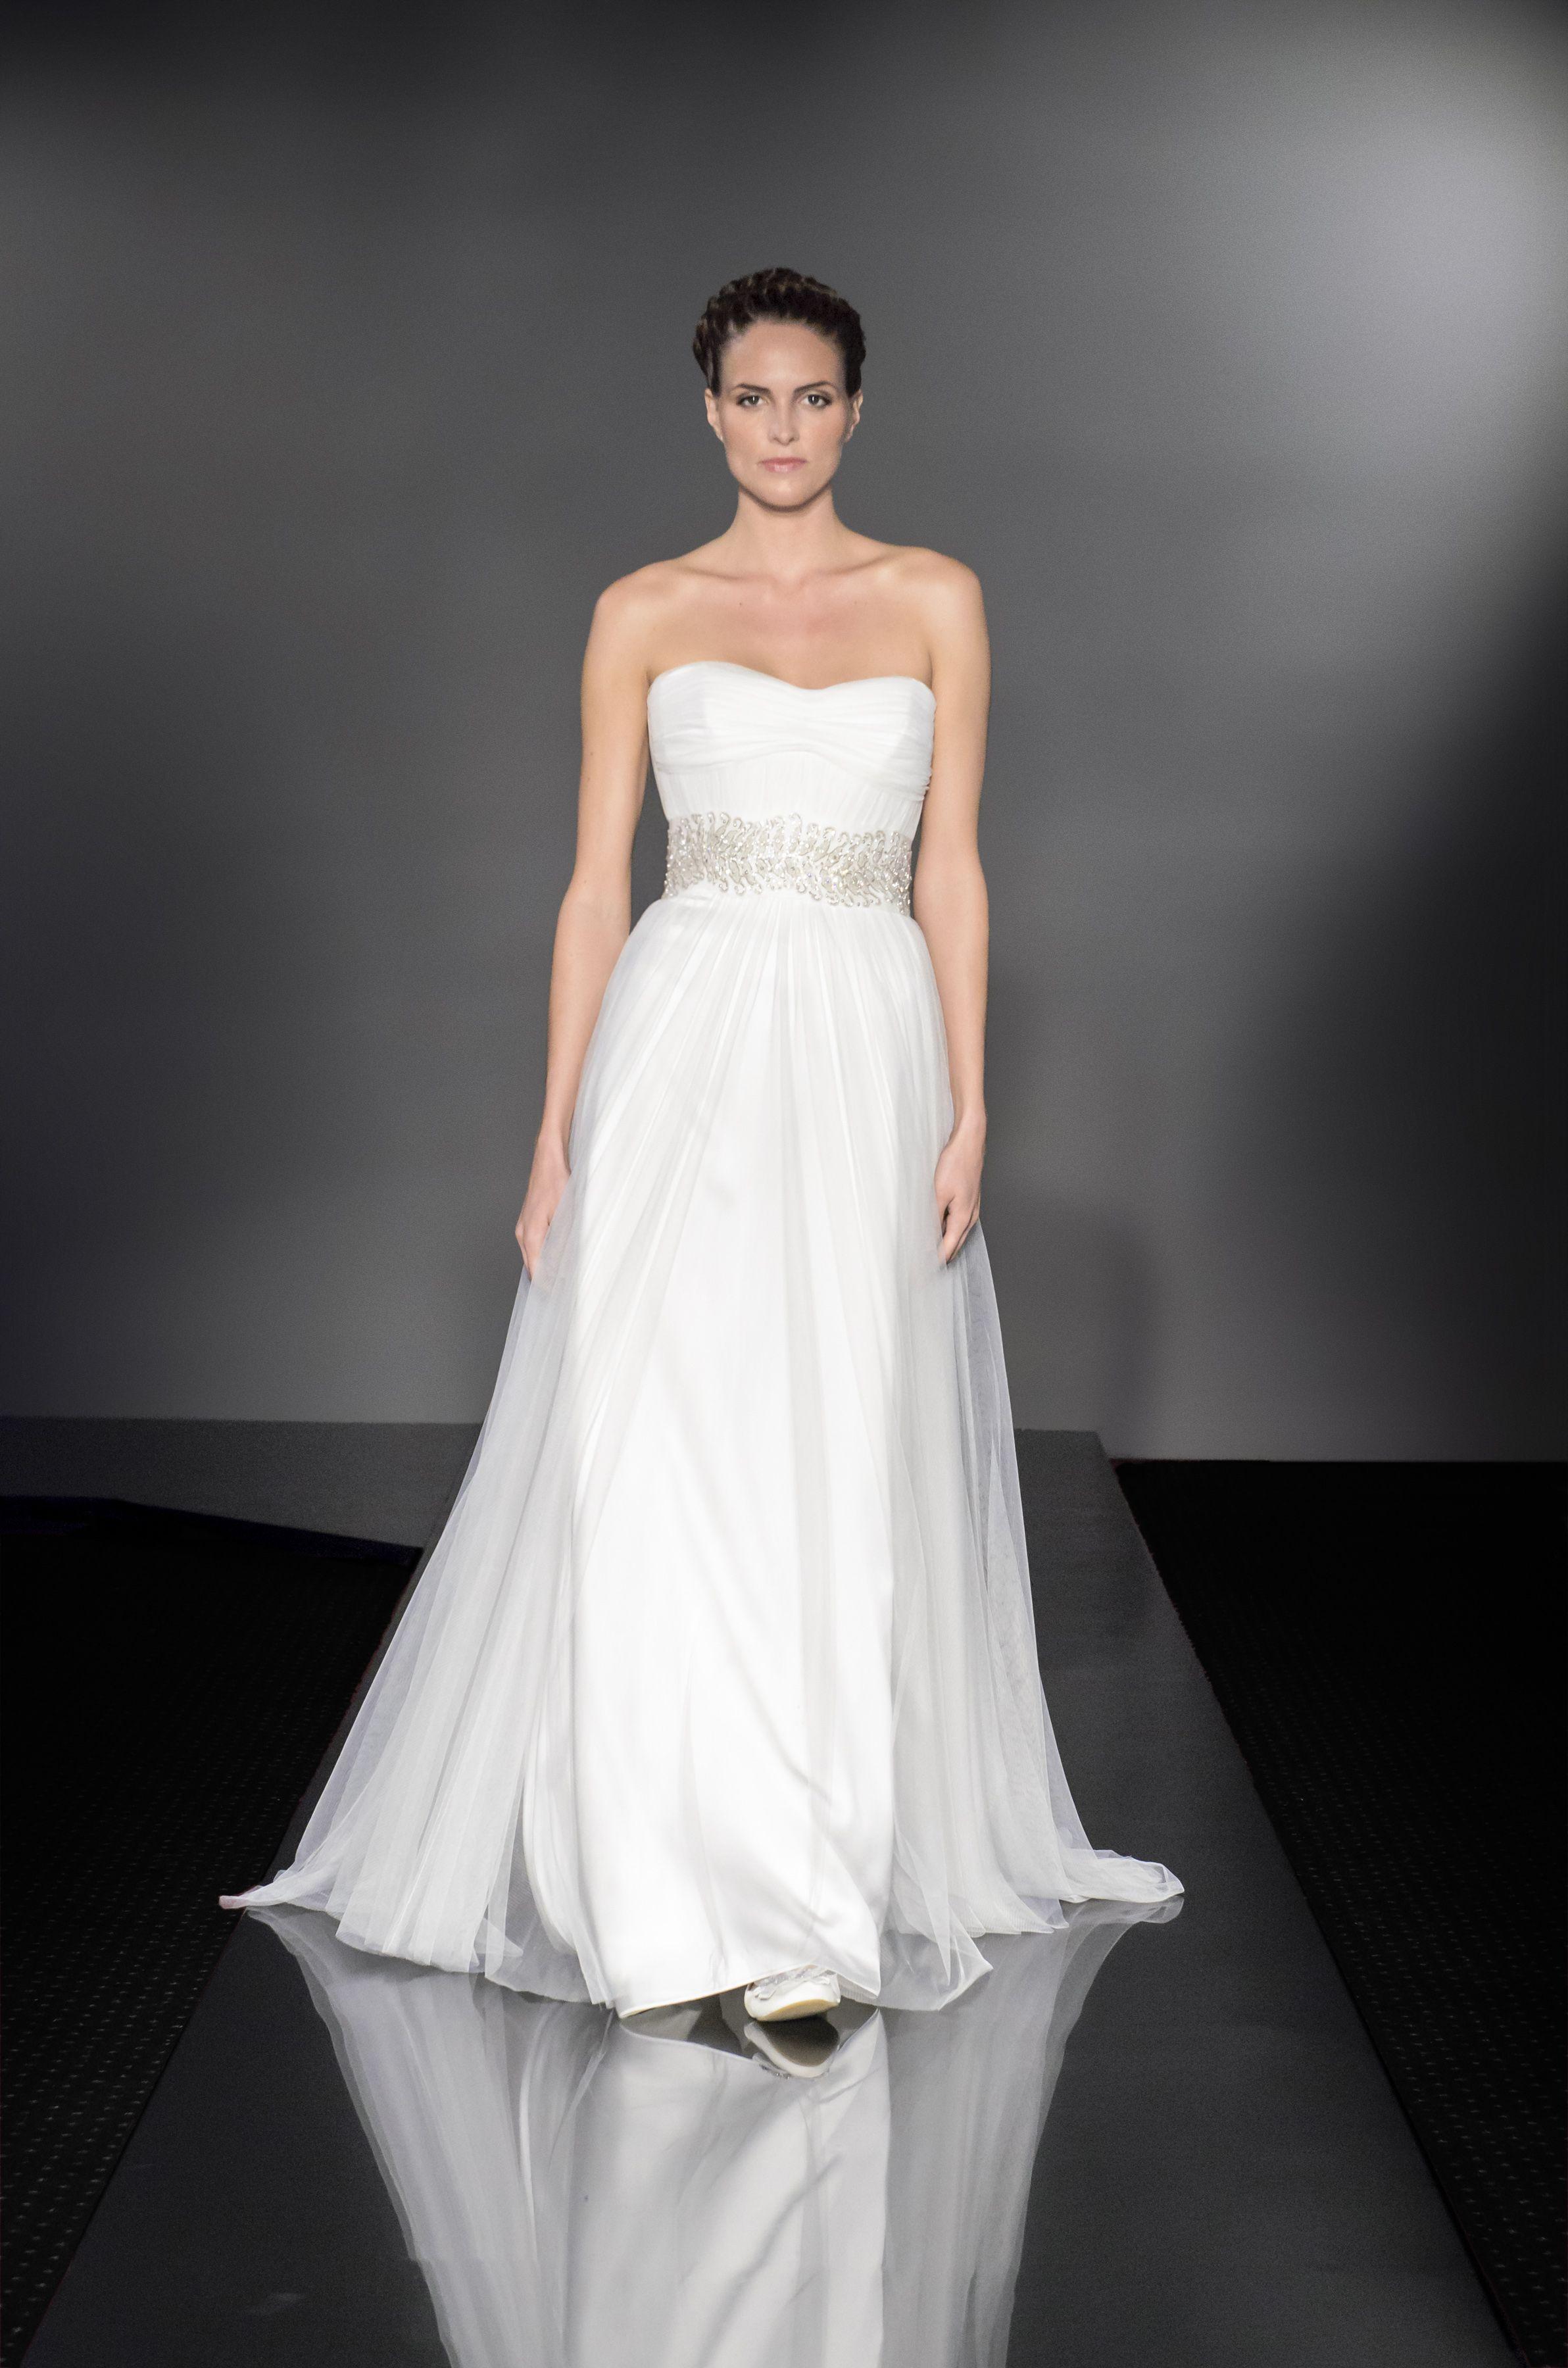 Aurora by suzanne neville diamond collection wedding